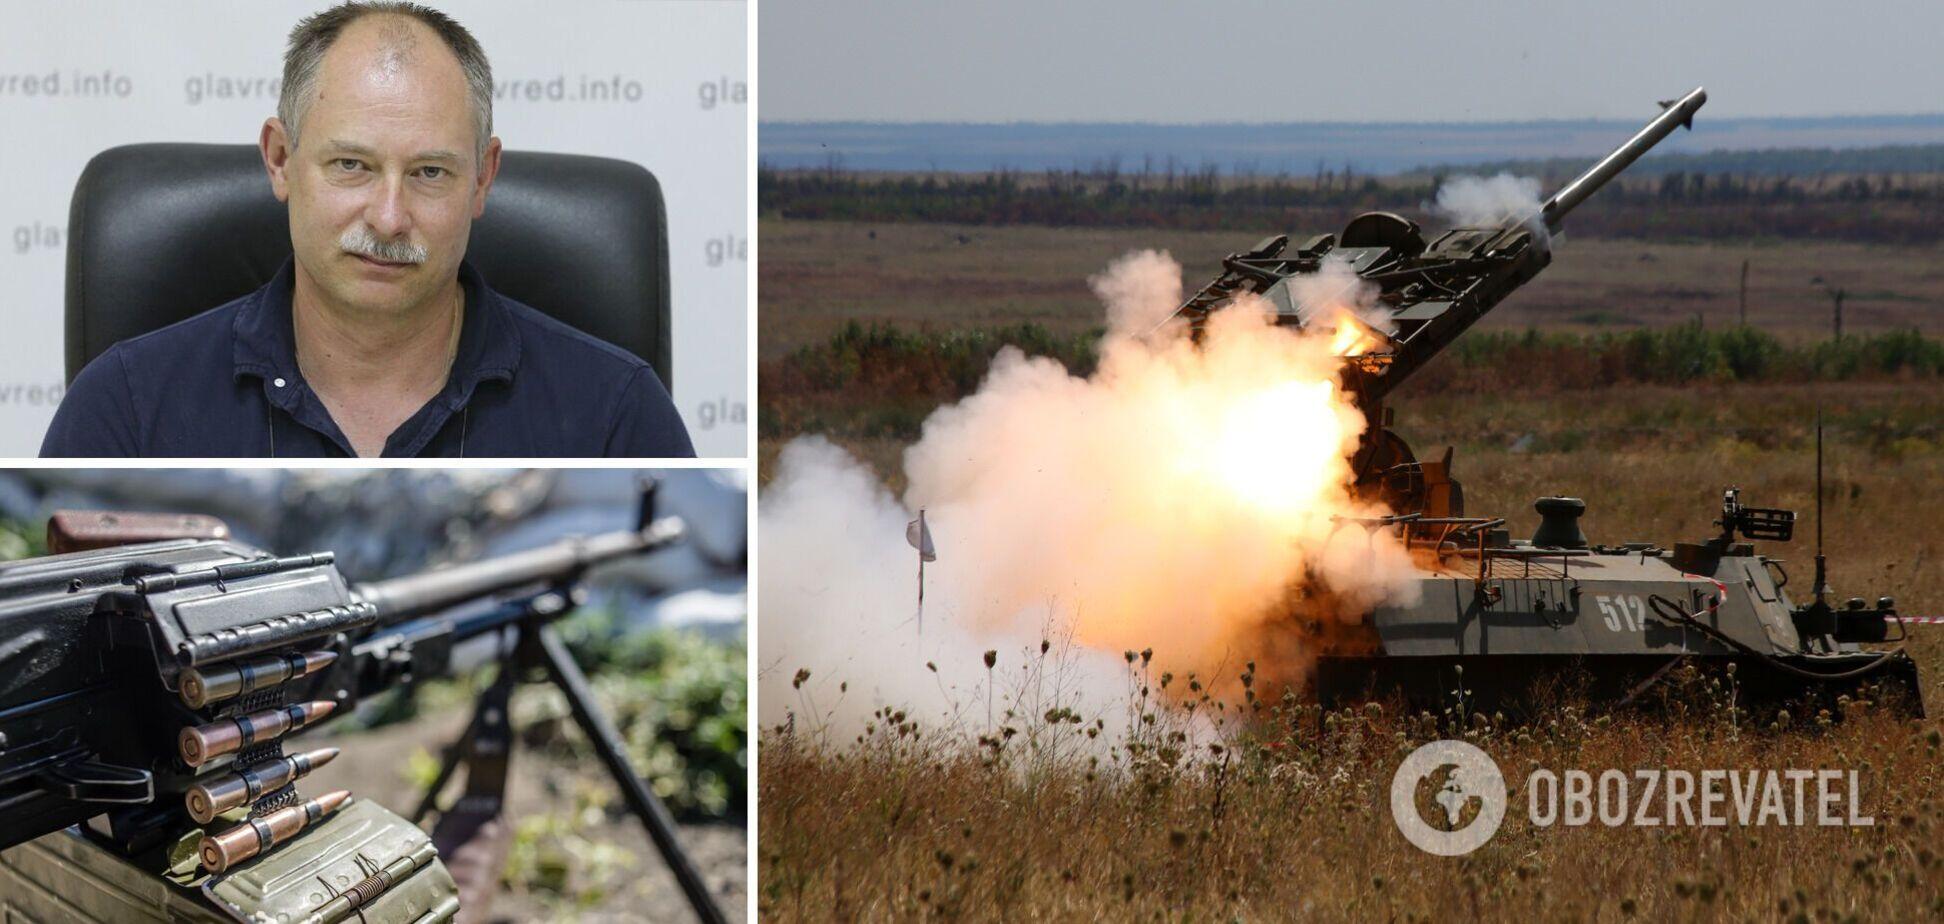 Військовий експерт Олег Жданов назвав причину загострення на Донбасі